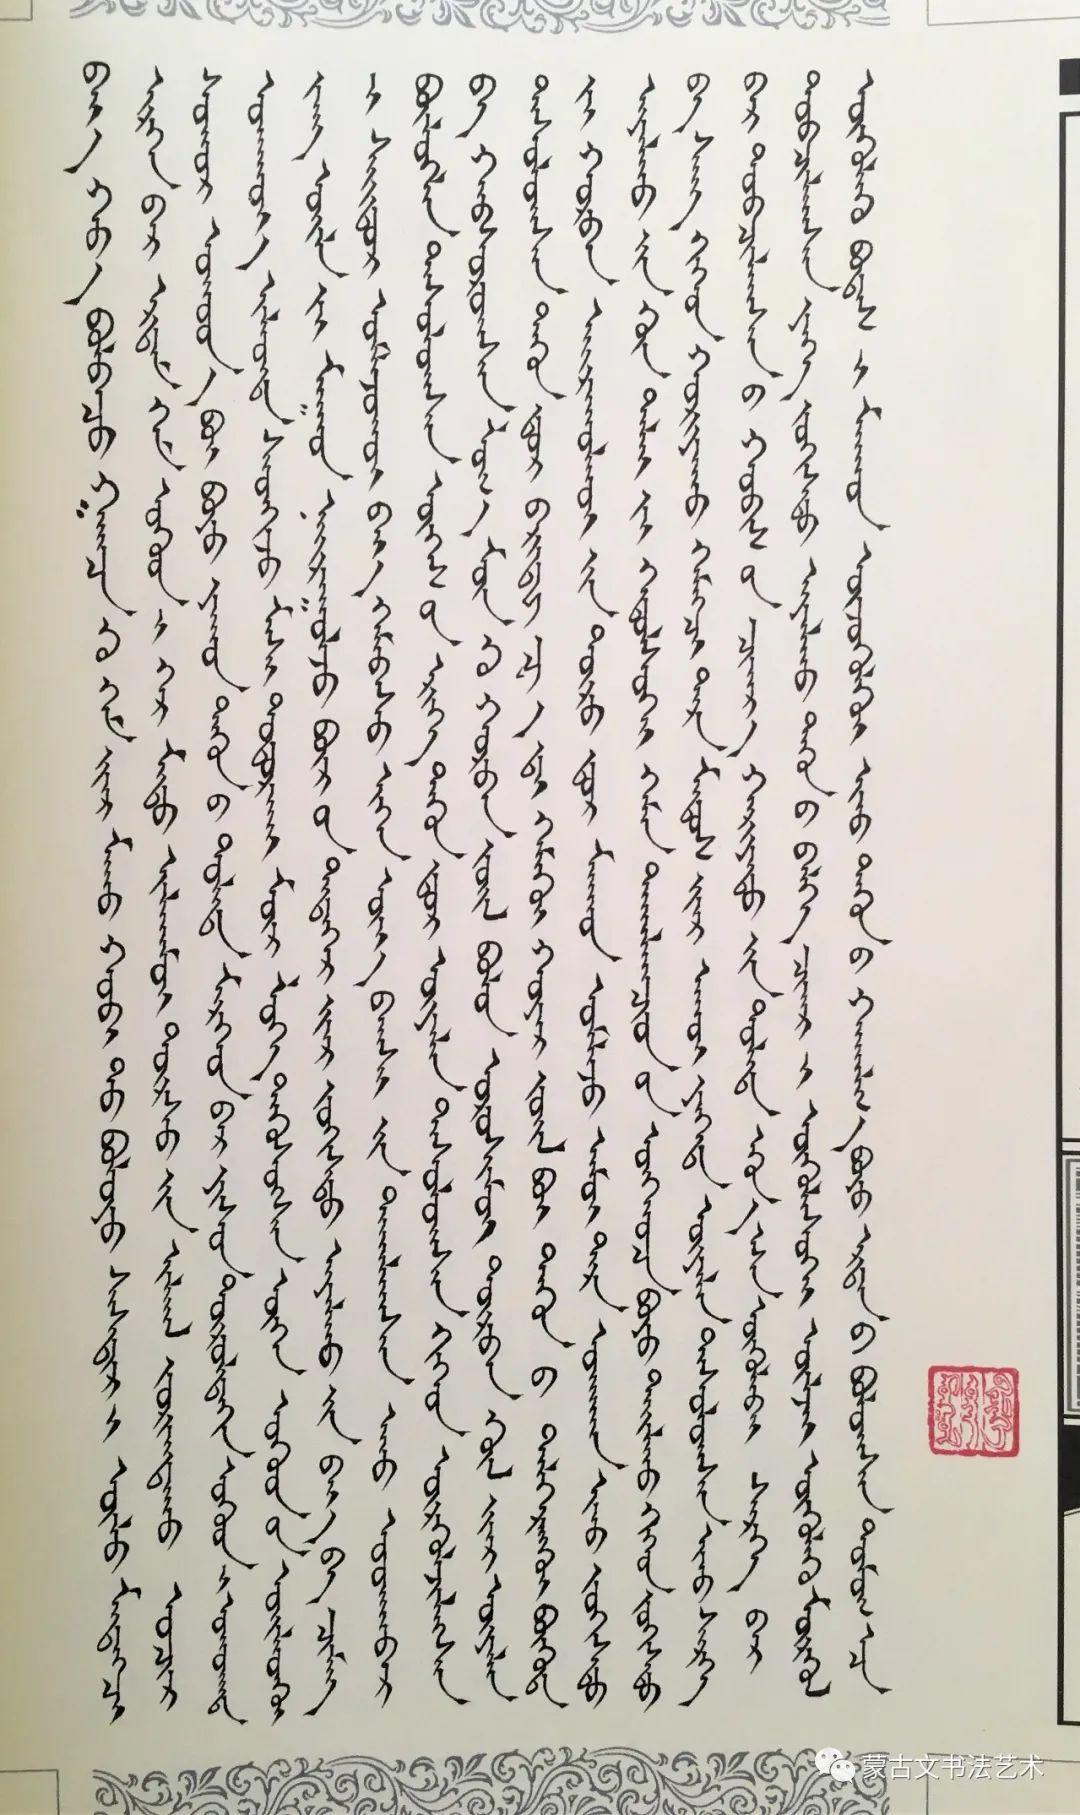 戴海琴楷书《诗镜论》 第10张 戴海琴楷书《诗镜论》 蒙古书法